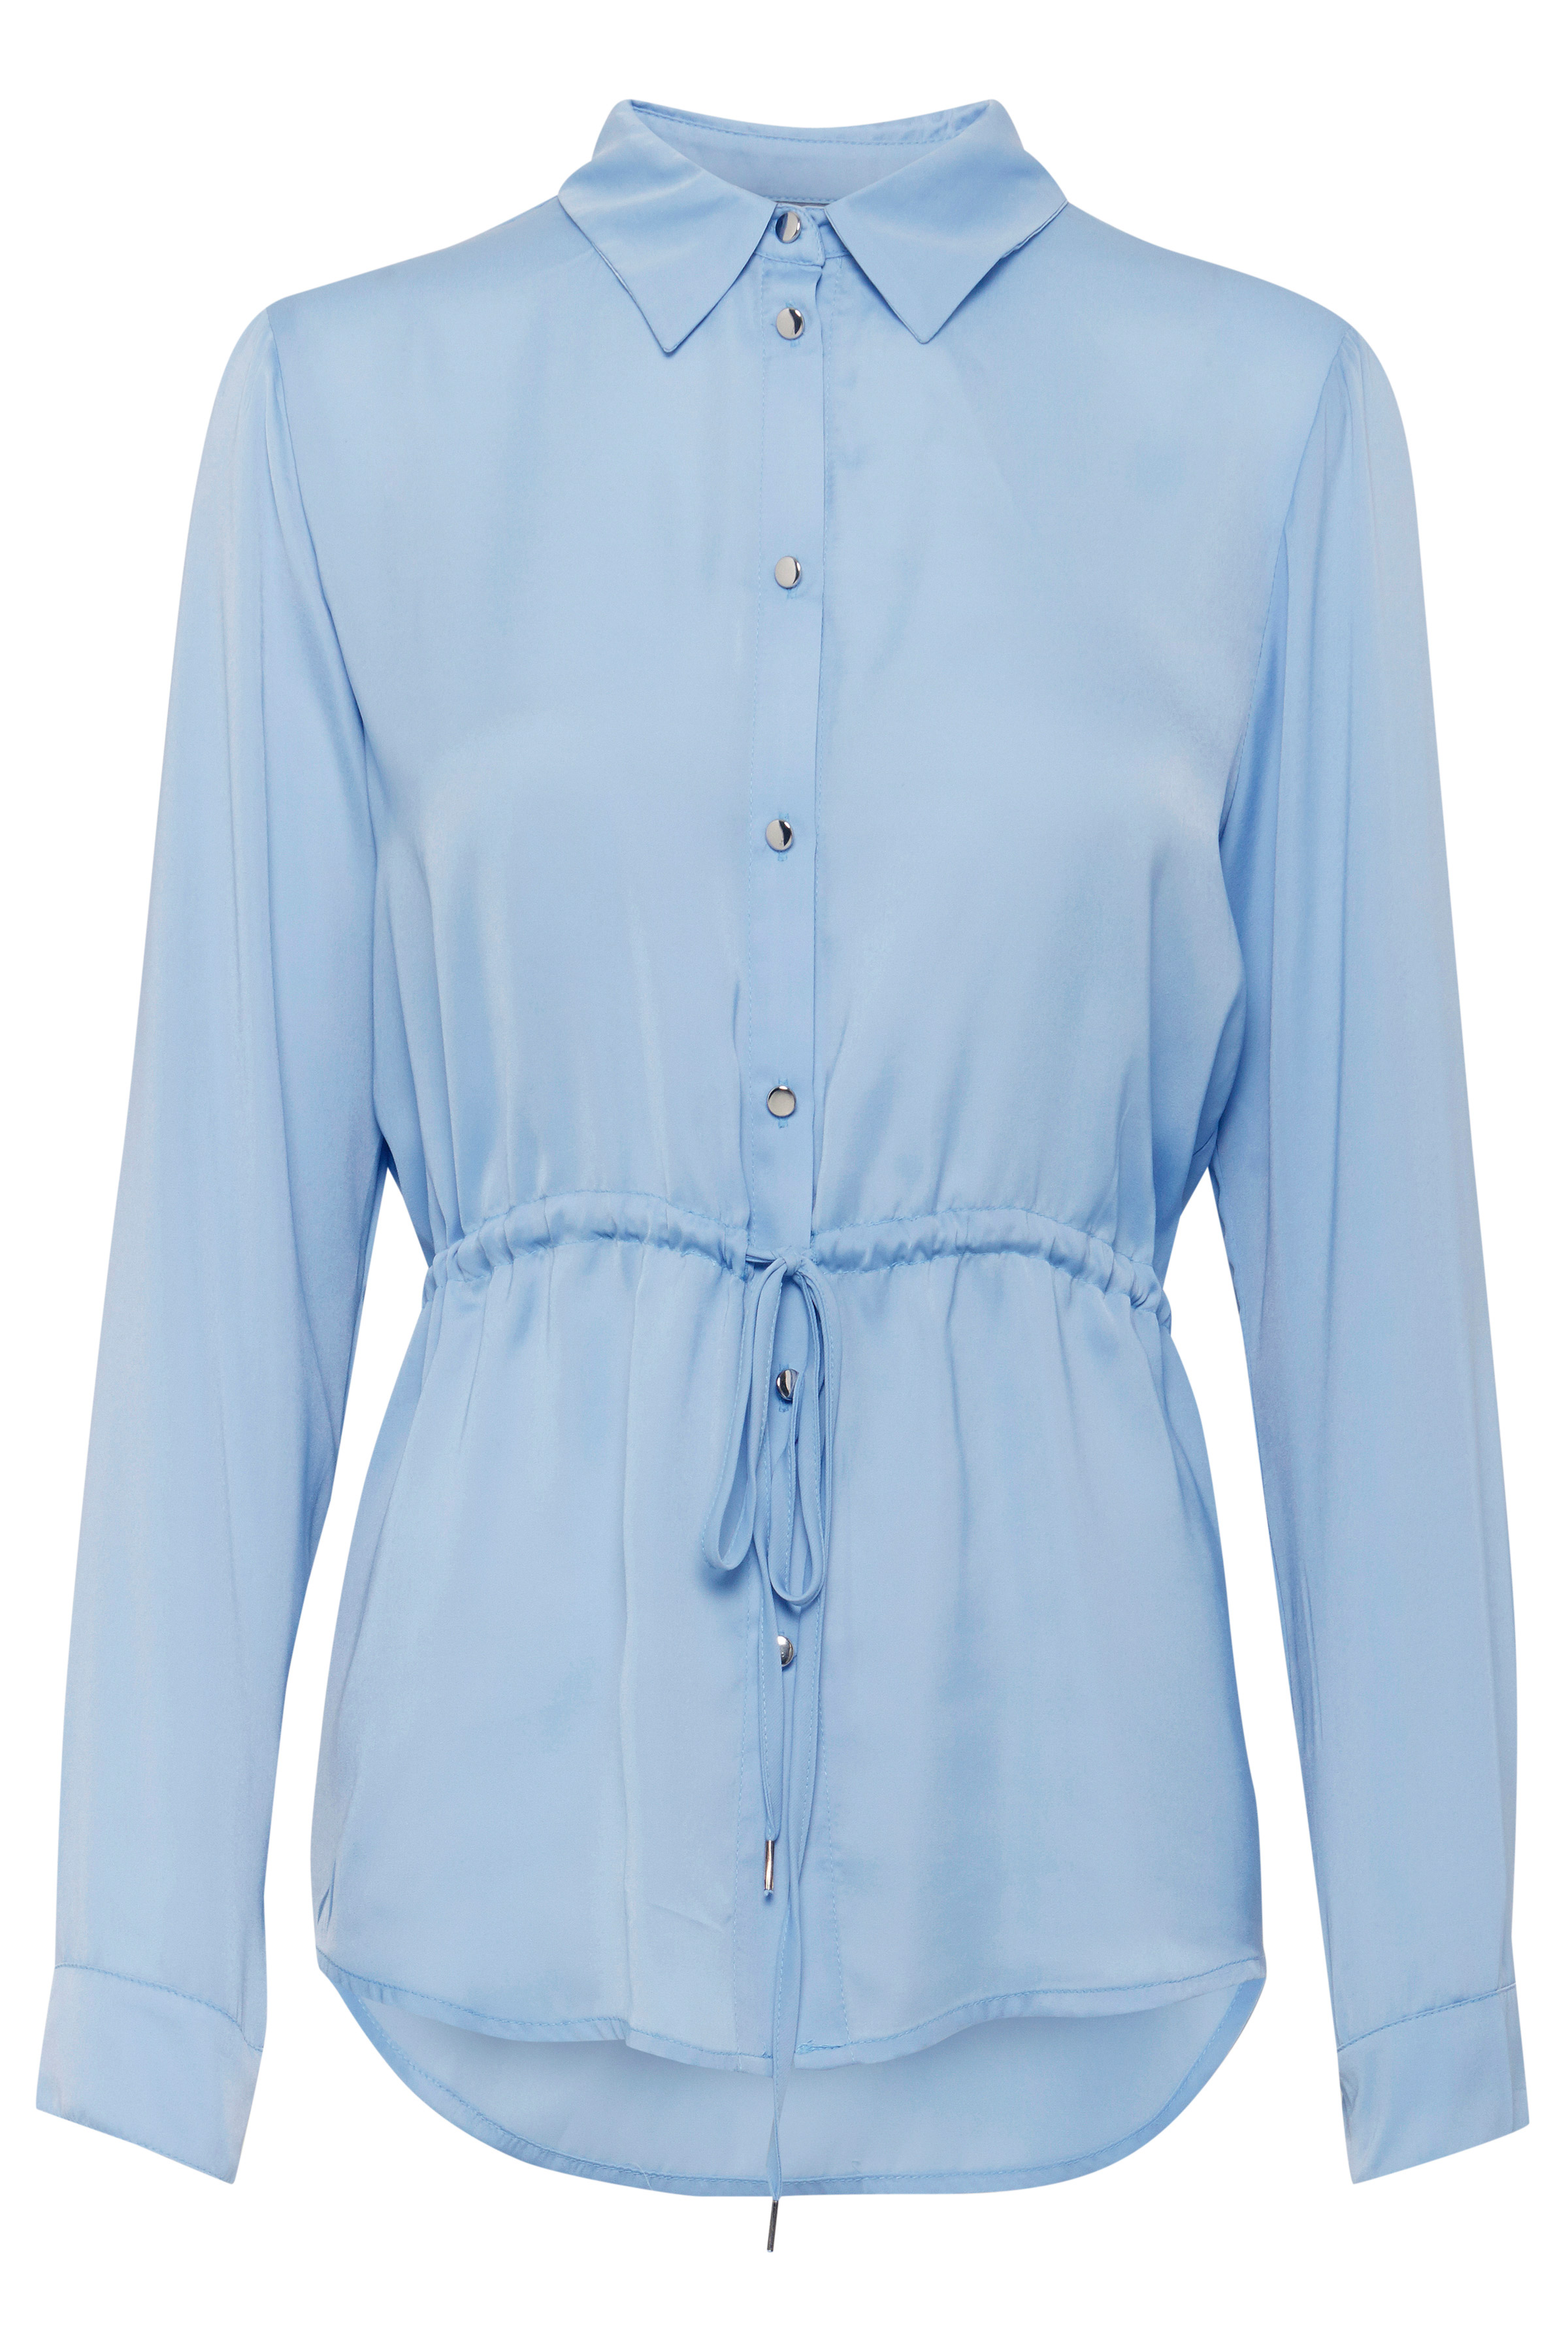 Sky Blue Langærmet skjorte fra b.young – Køb Sky Blue Langærmet skjorte fra str. 36-46 her